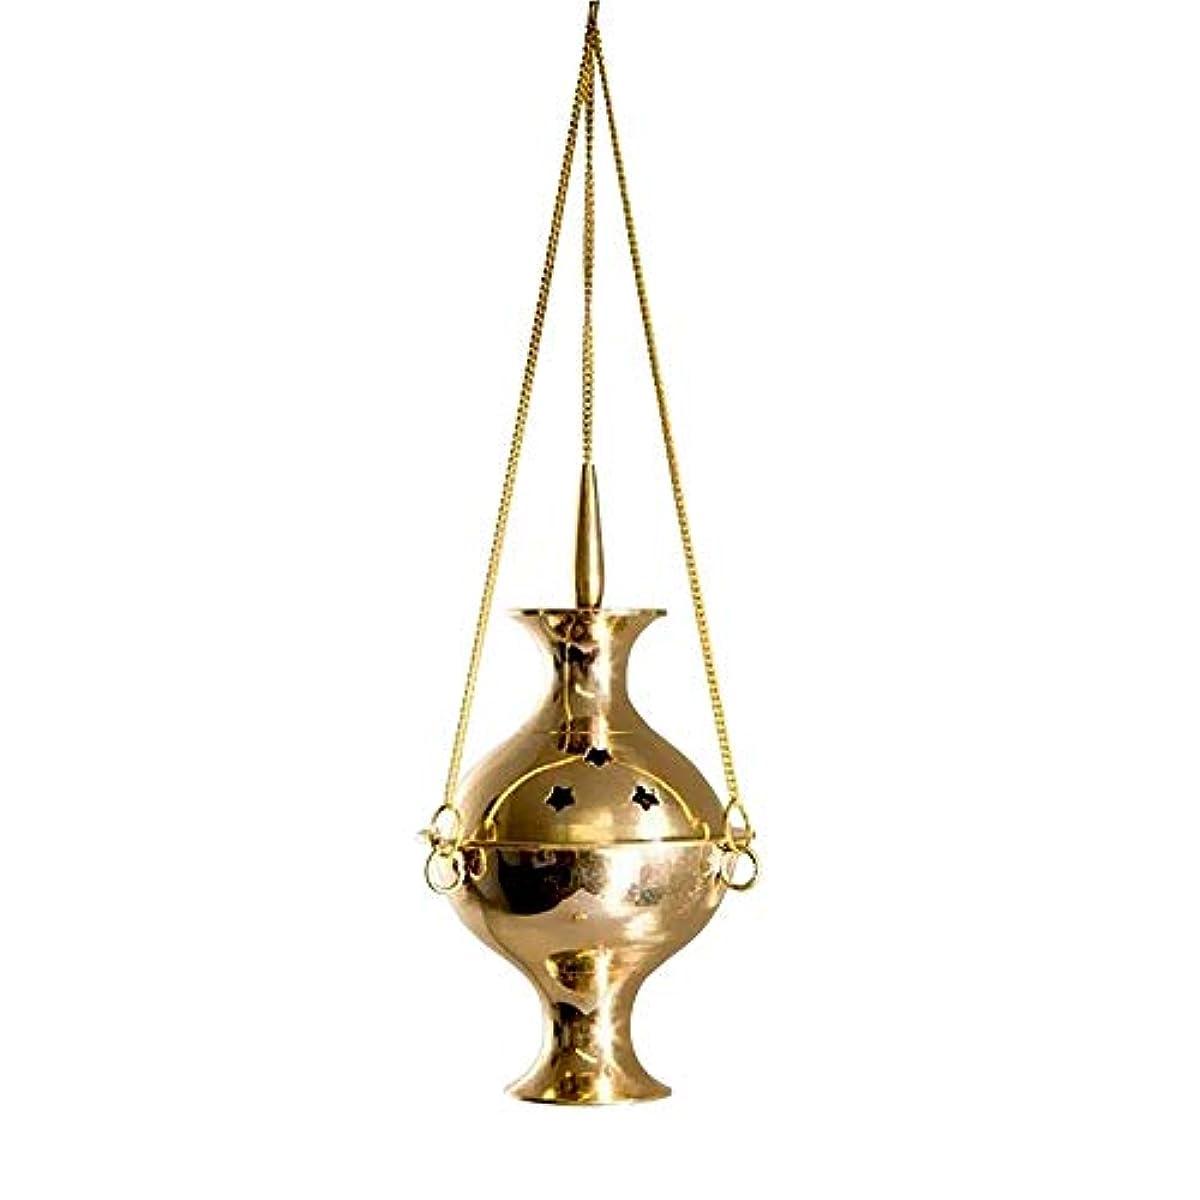 ボード大統領カトリック香炉 吊り下げ式香炉 チャコール 6インチ 真鍮 吊り下げ 香炉 炭 香炉 バーナー 真鍮製 輝く仕上げで適切な燃焼に役立ちます。